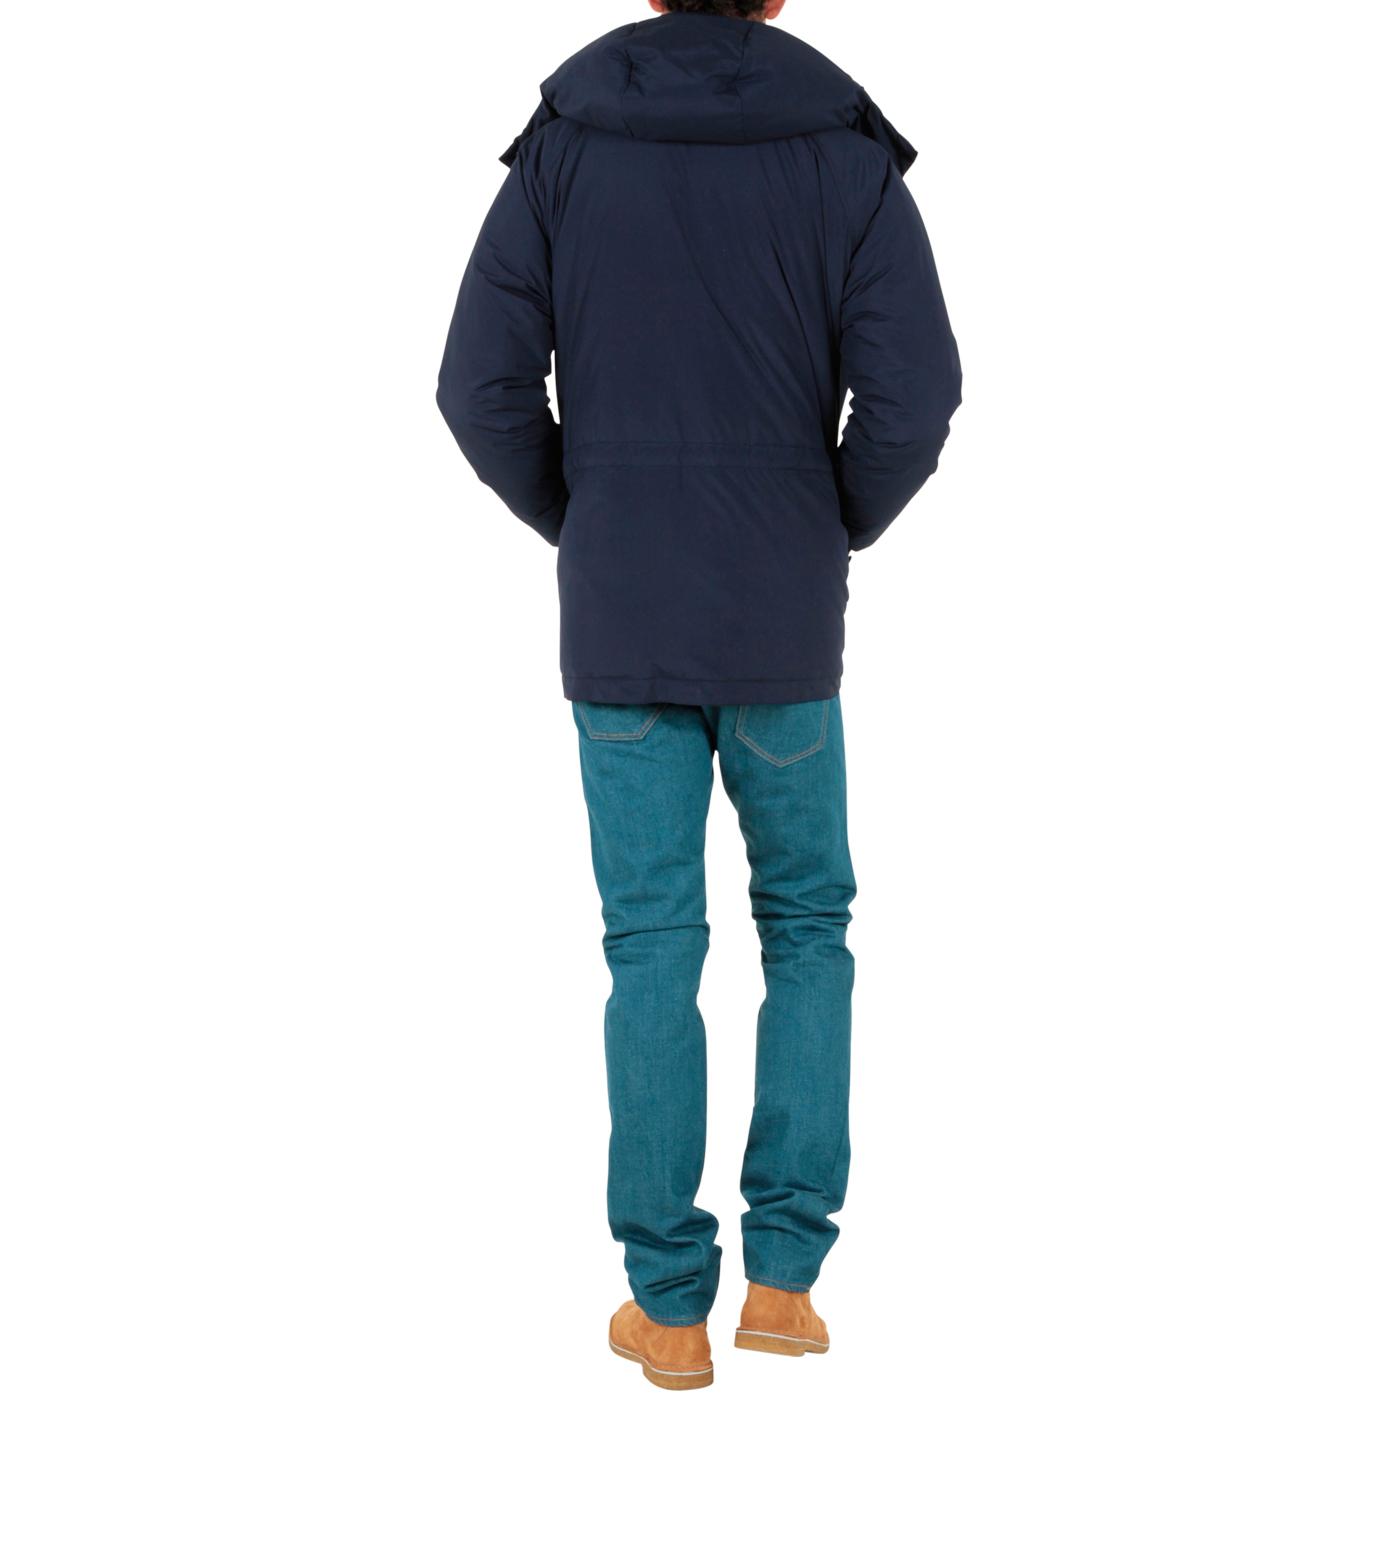 MAISON KITSUNÉ(メゾンキツネ)のMountain jacket-NAVY-FW11-056-OT 拡大詳細画像4